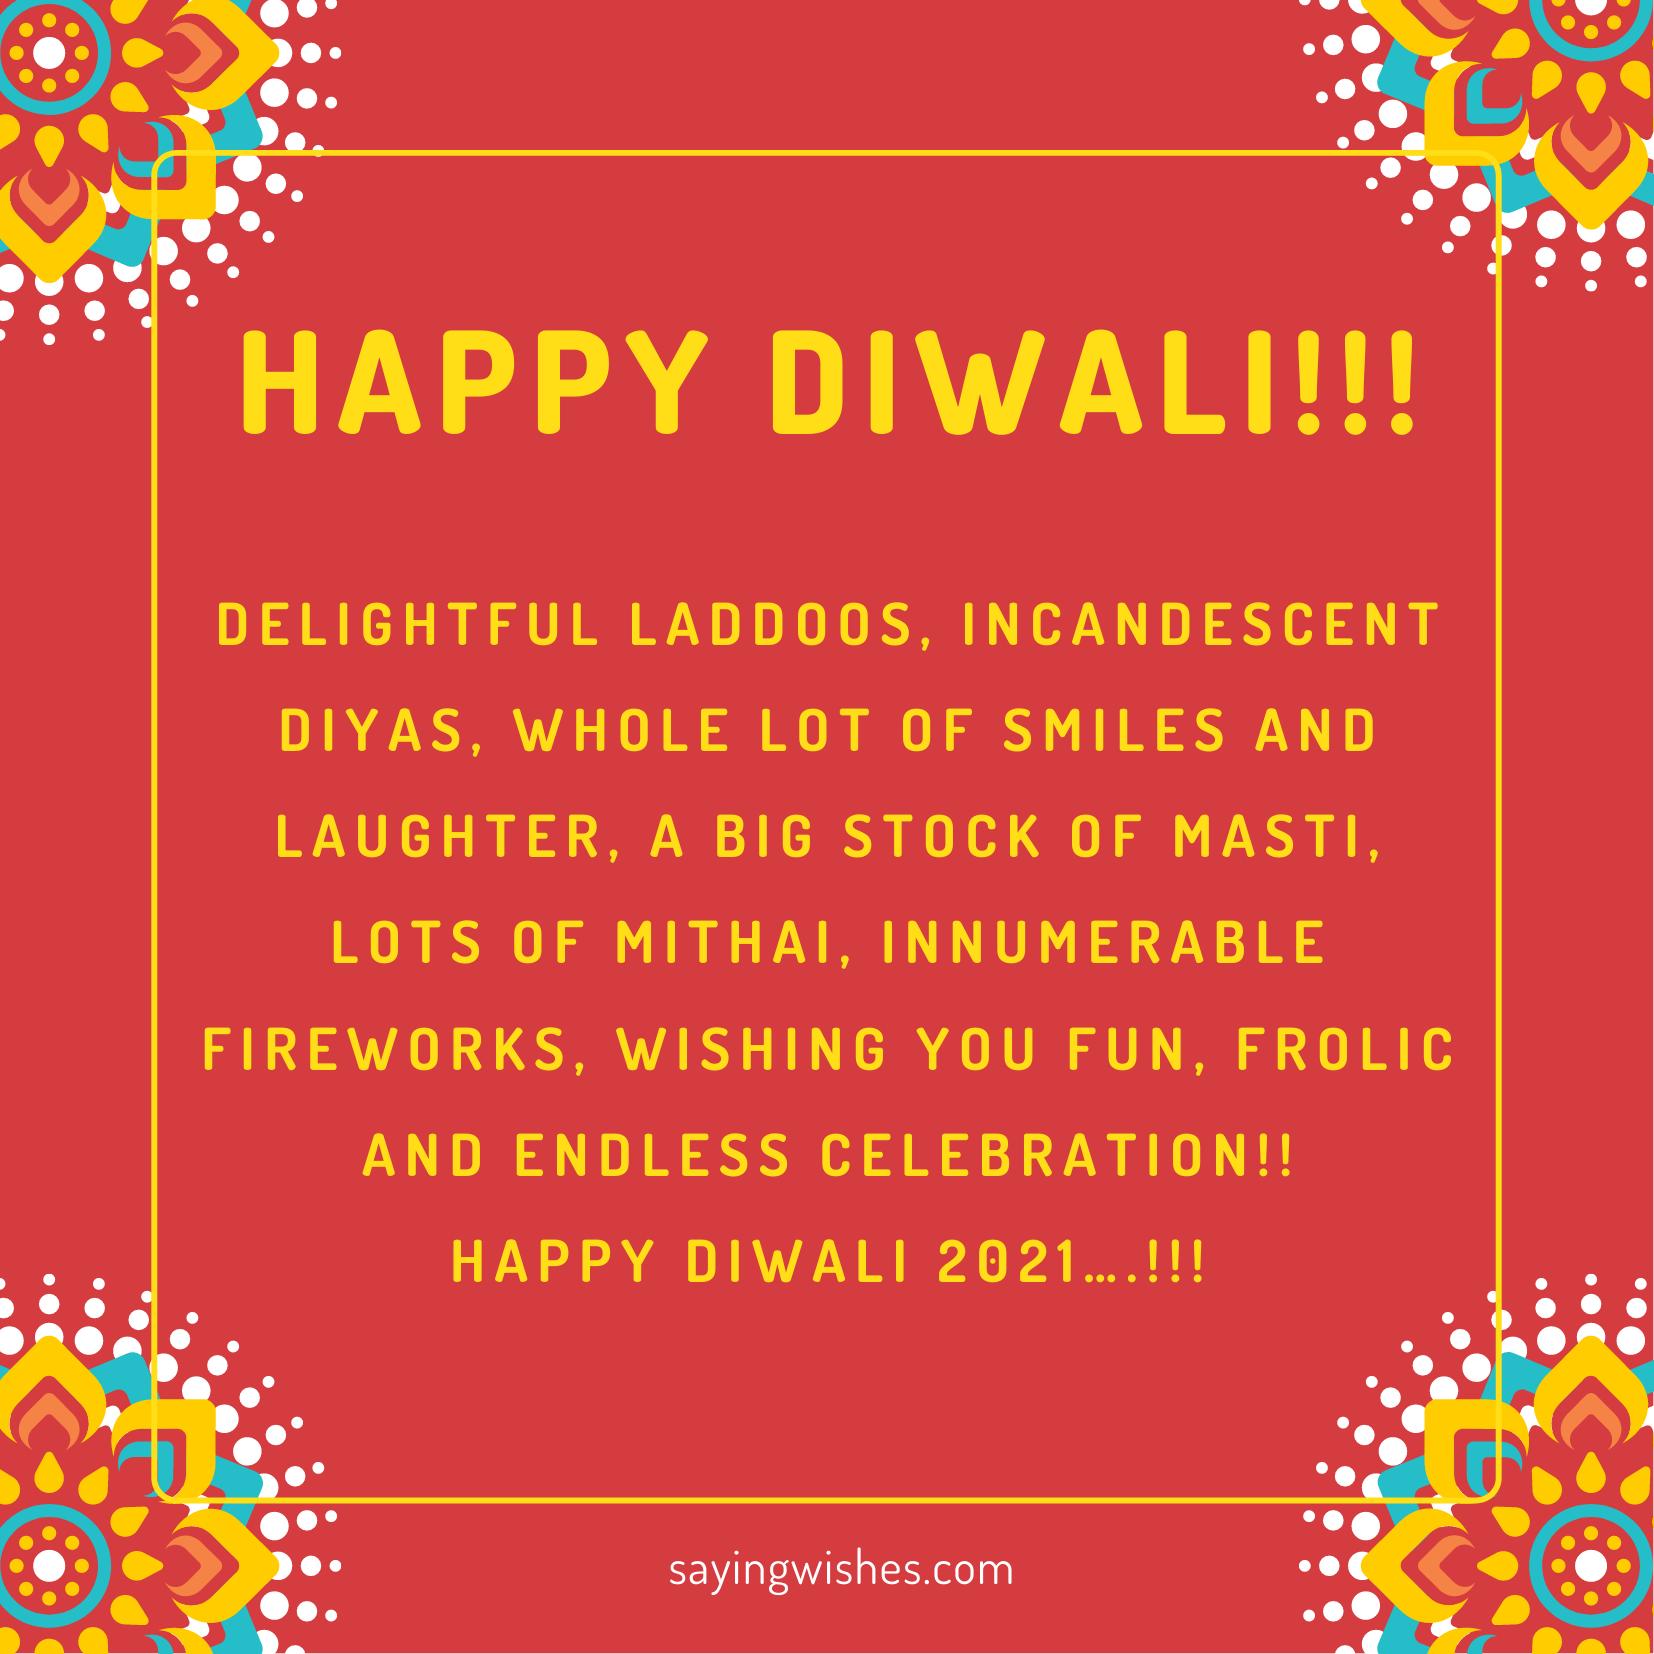 happy diwali 2021 wishes